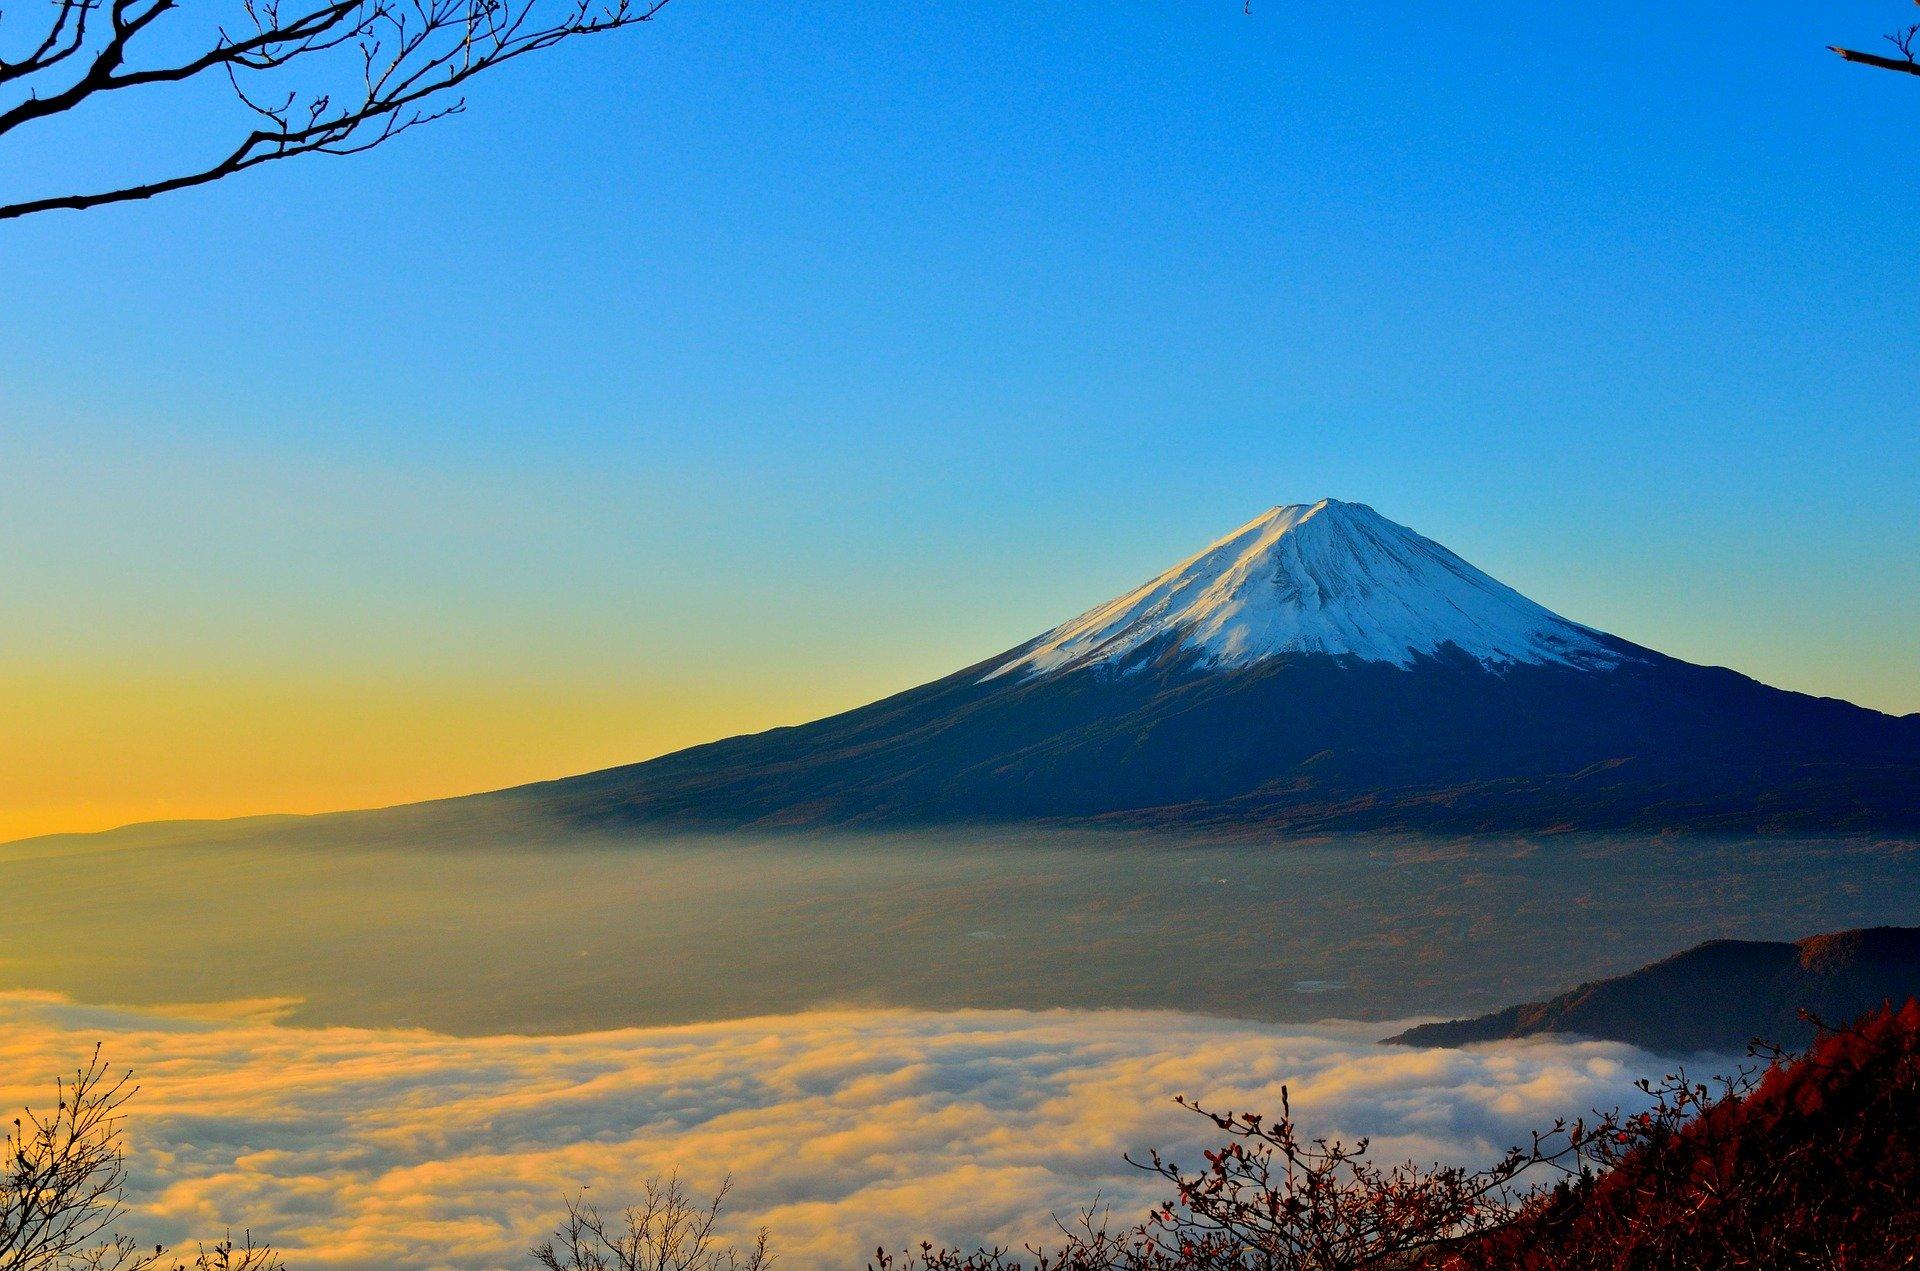 富士山のおすすめのお土産17選!お菓子や雑貨など人気商品を紹介!